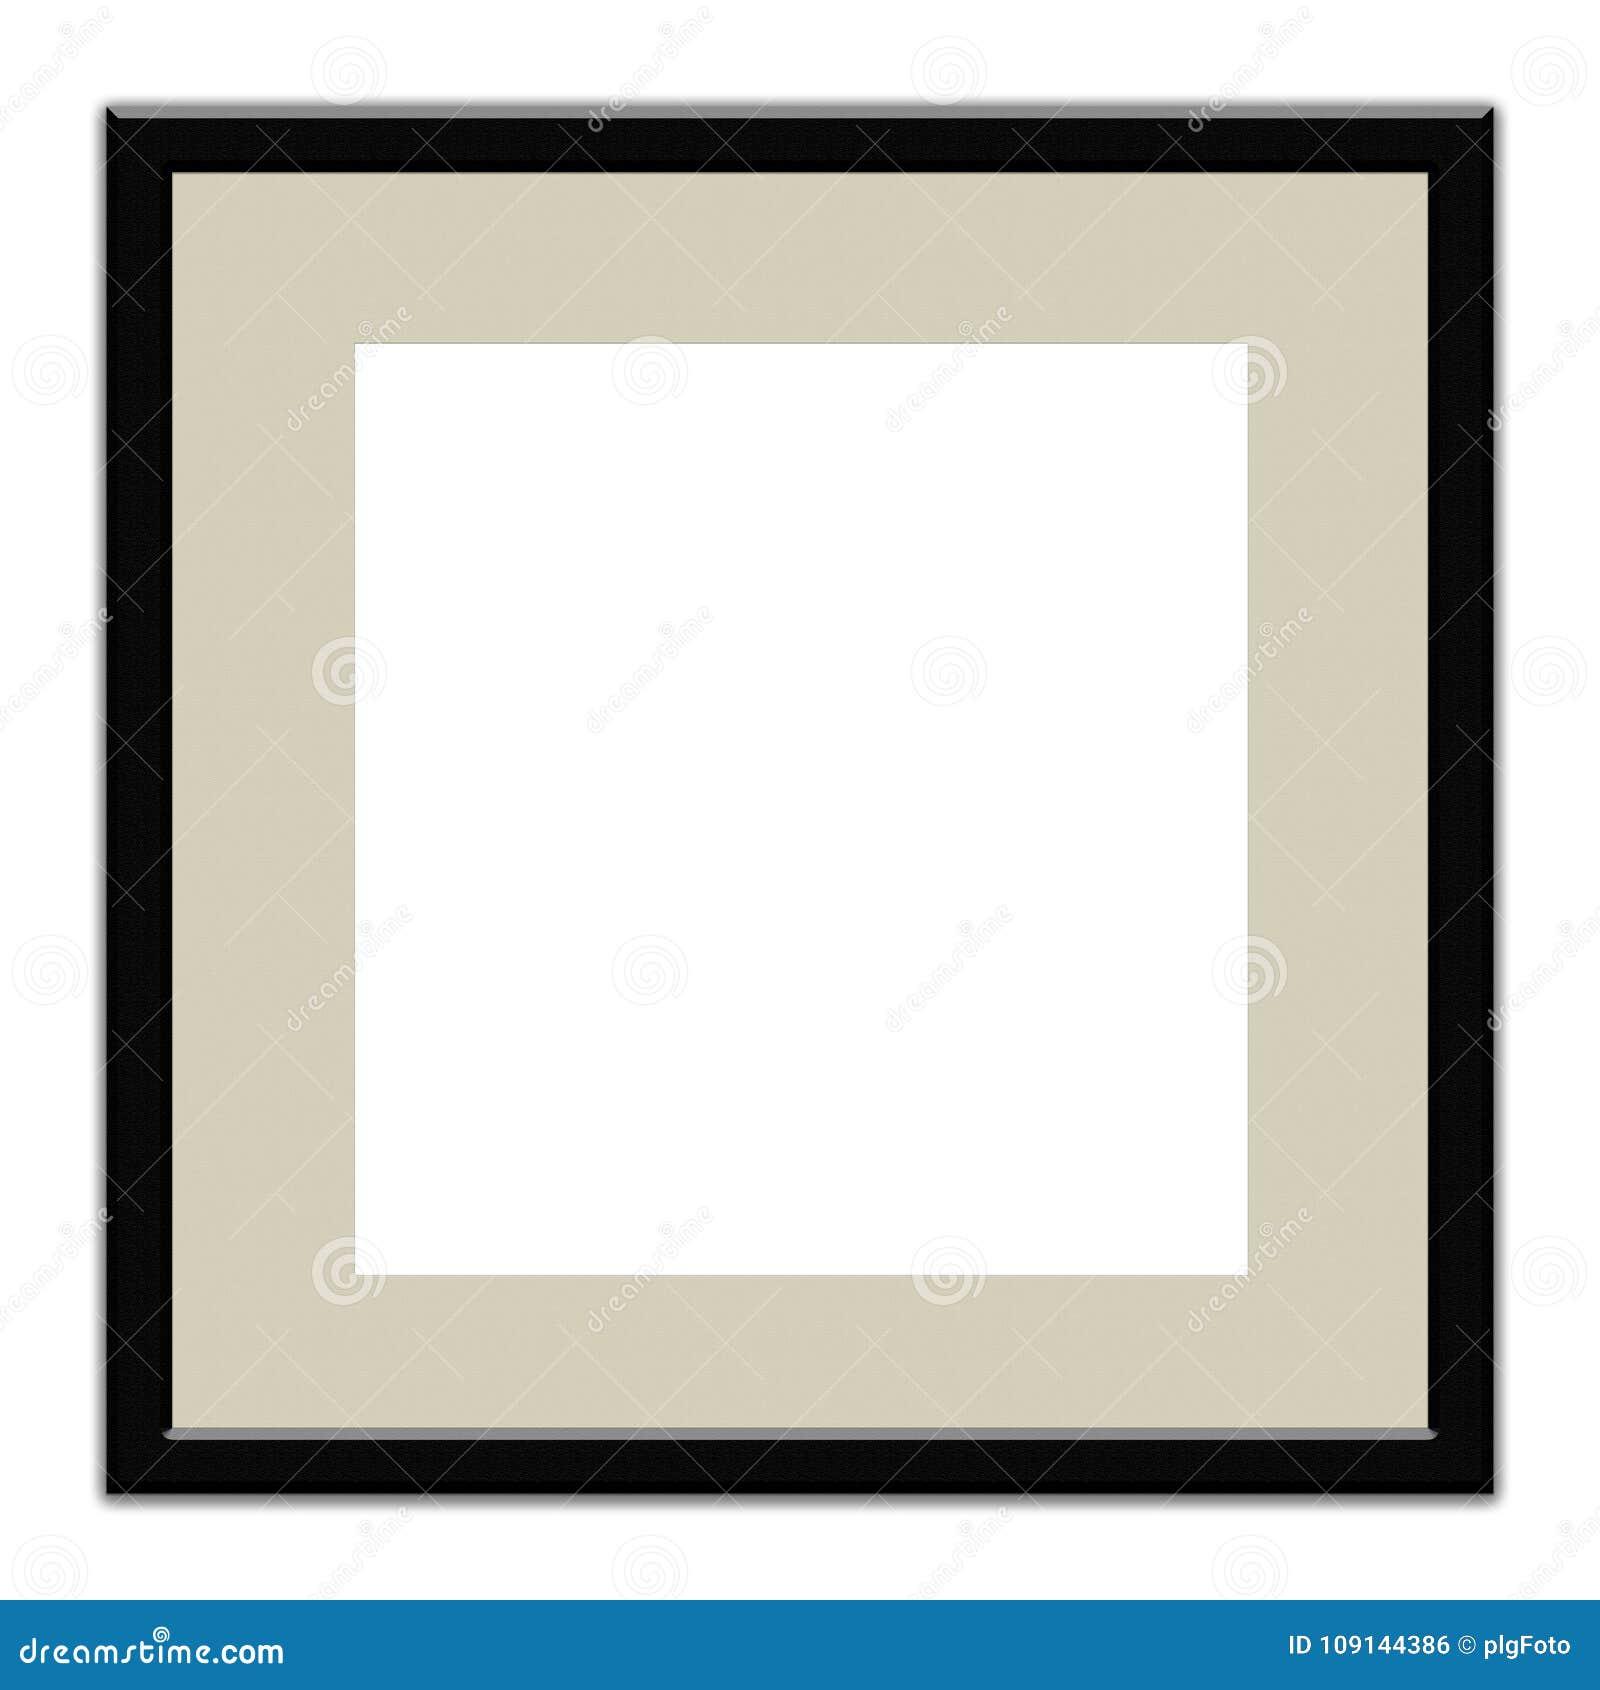 Rahmen Des Schwarzen Quadrats Mit Dem Rand, Zum Einer Fotografie Auf ...